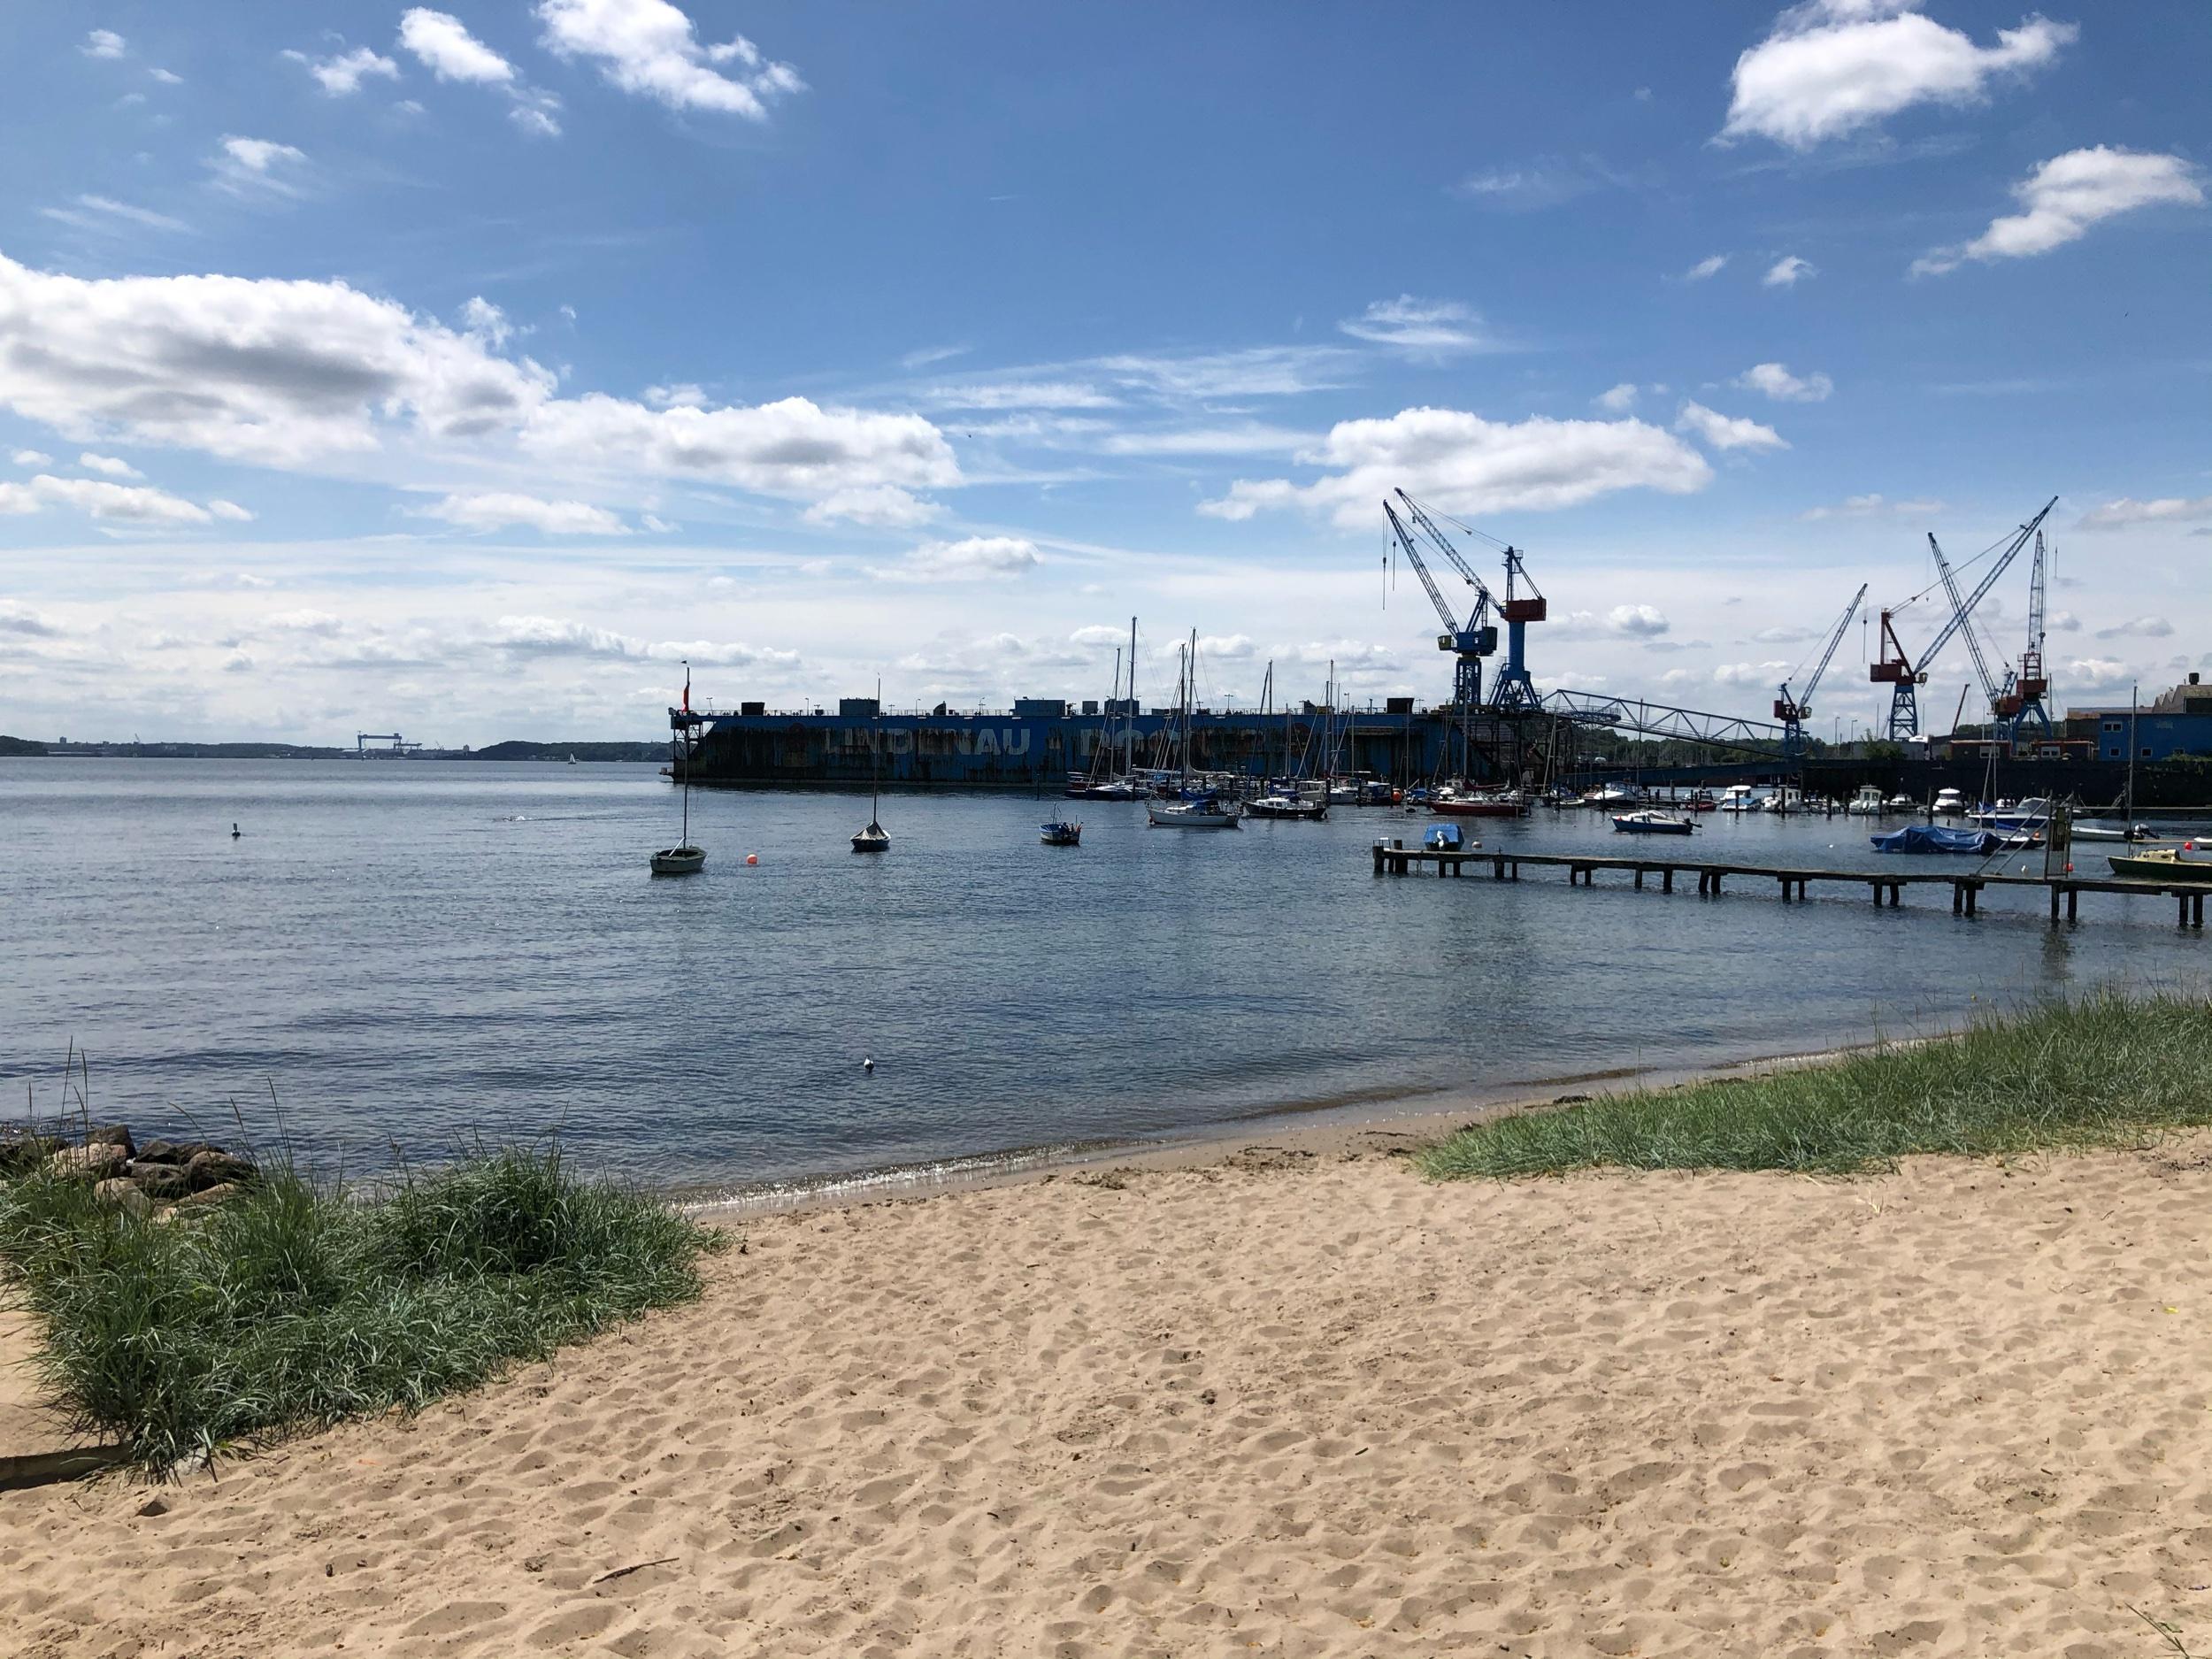 Lindenau Werft Friedrichsort